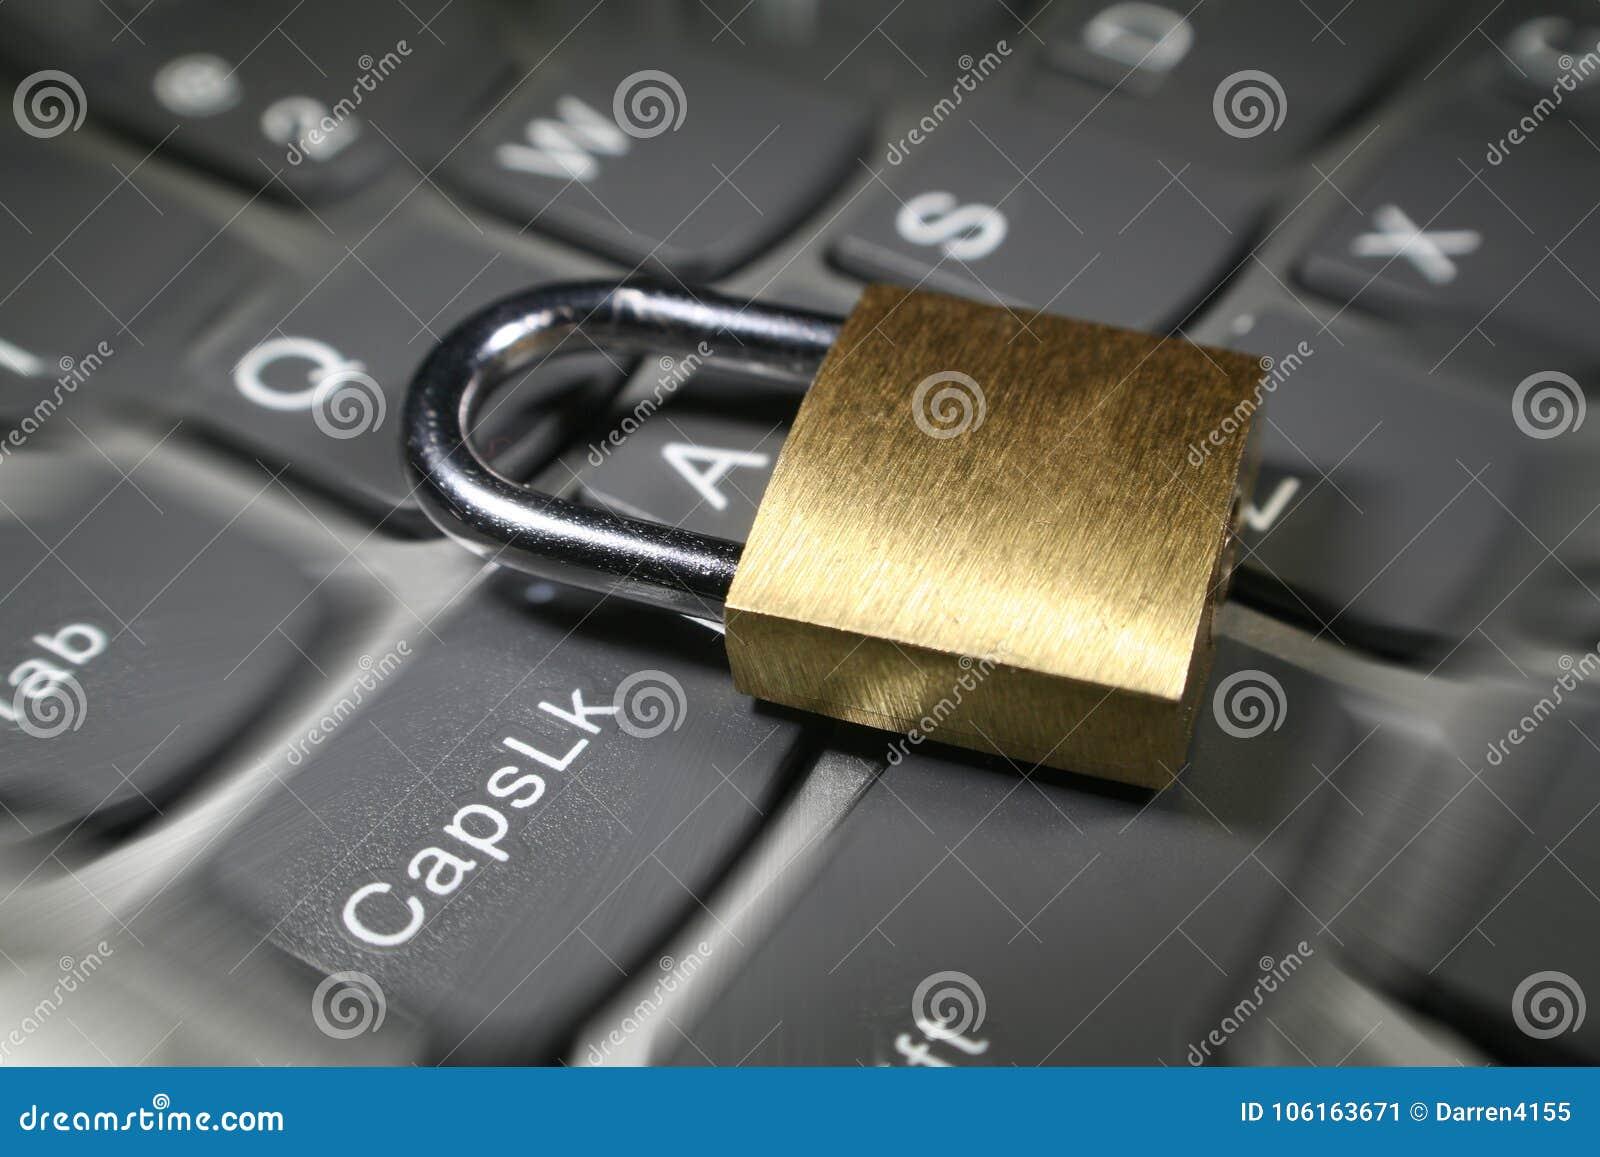 Seguridad cibernética con la cerradura del oro en la foto de la acción de la explosión del enfoque del teclado de ordenador